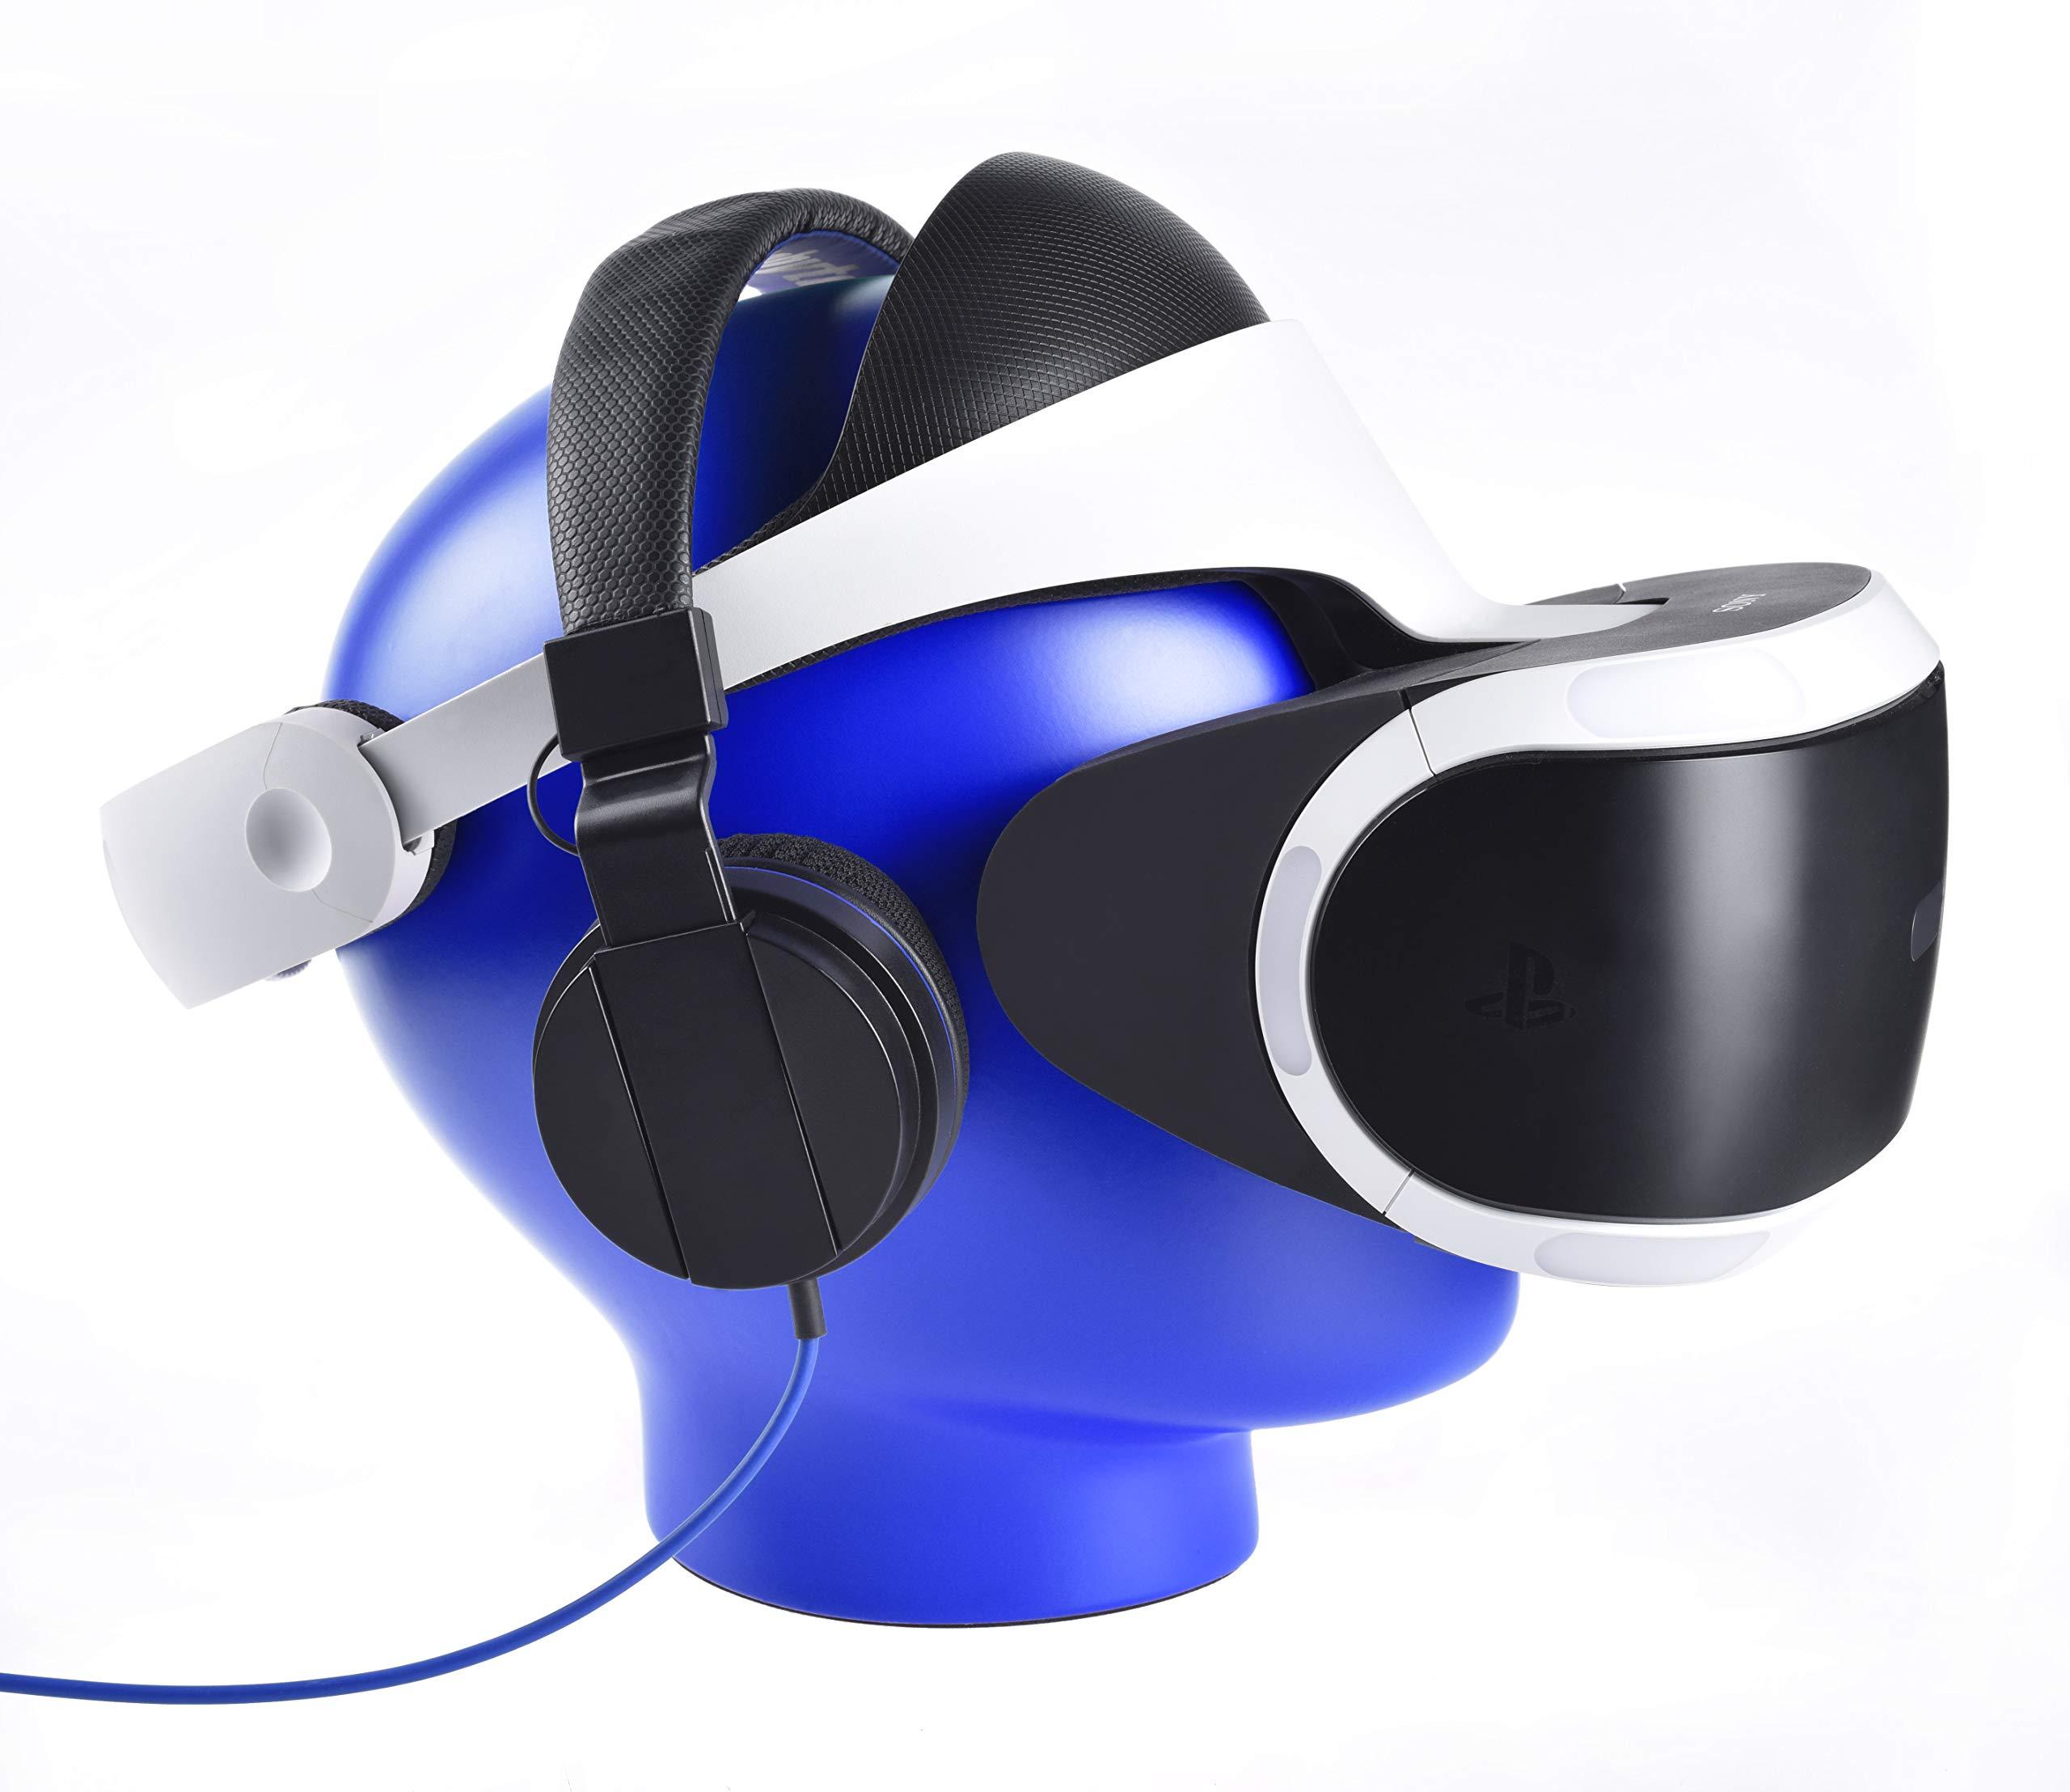 Soporte de almacenamiento / soporte para auriculares Snakebyte, soporte de visualización de auriculares de realidad virtual para sus gafas de realidad virtual - compatible con HTC Vive, auriculares Oculus Rift, PlayStation 4